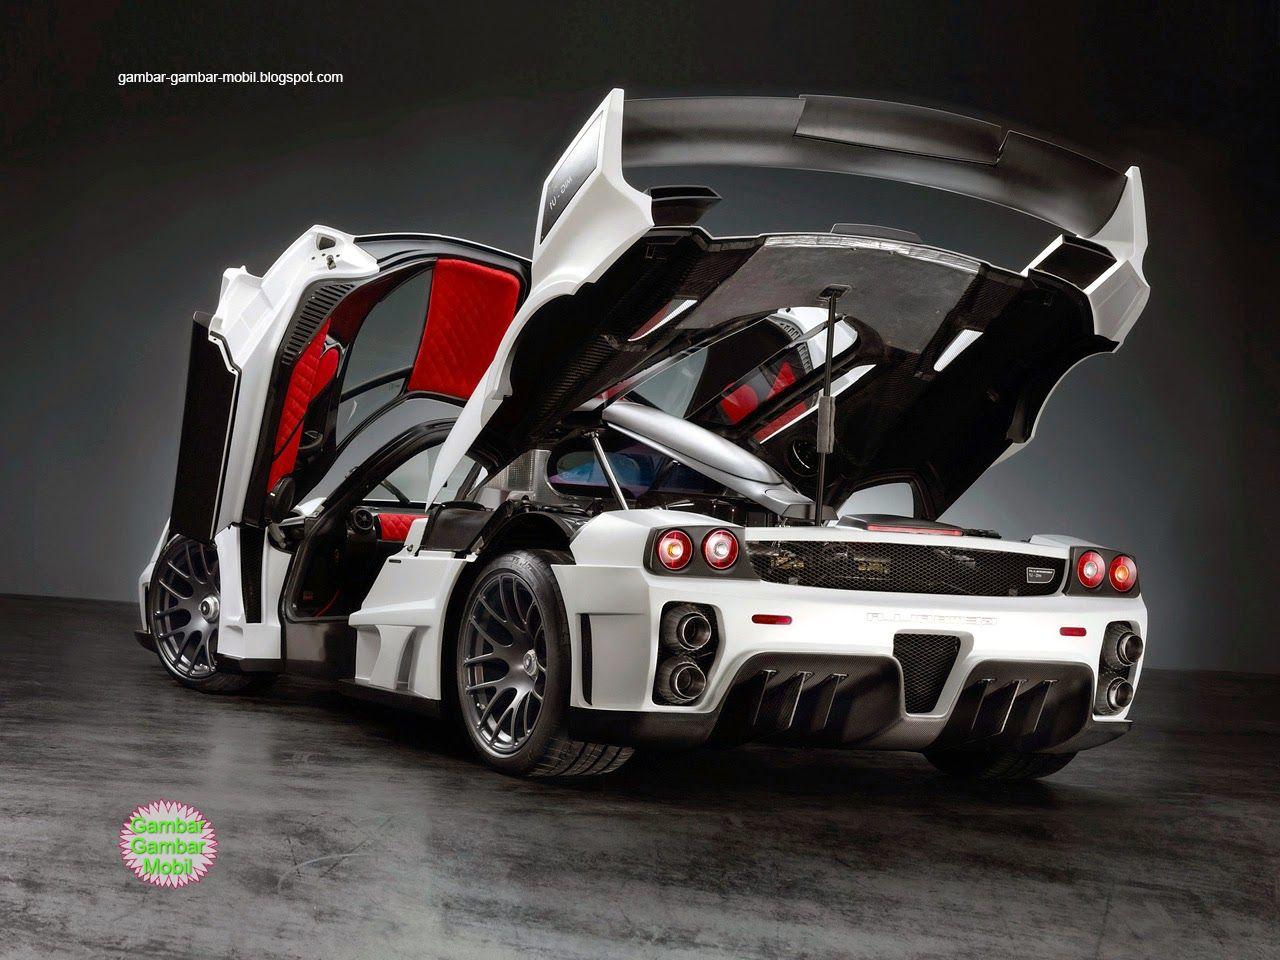 Foto Mobil Sedan Full Modif Terbaru Dan Terkeren ...